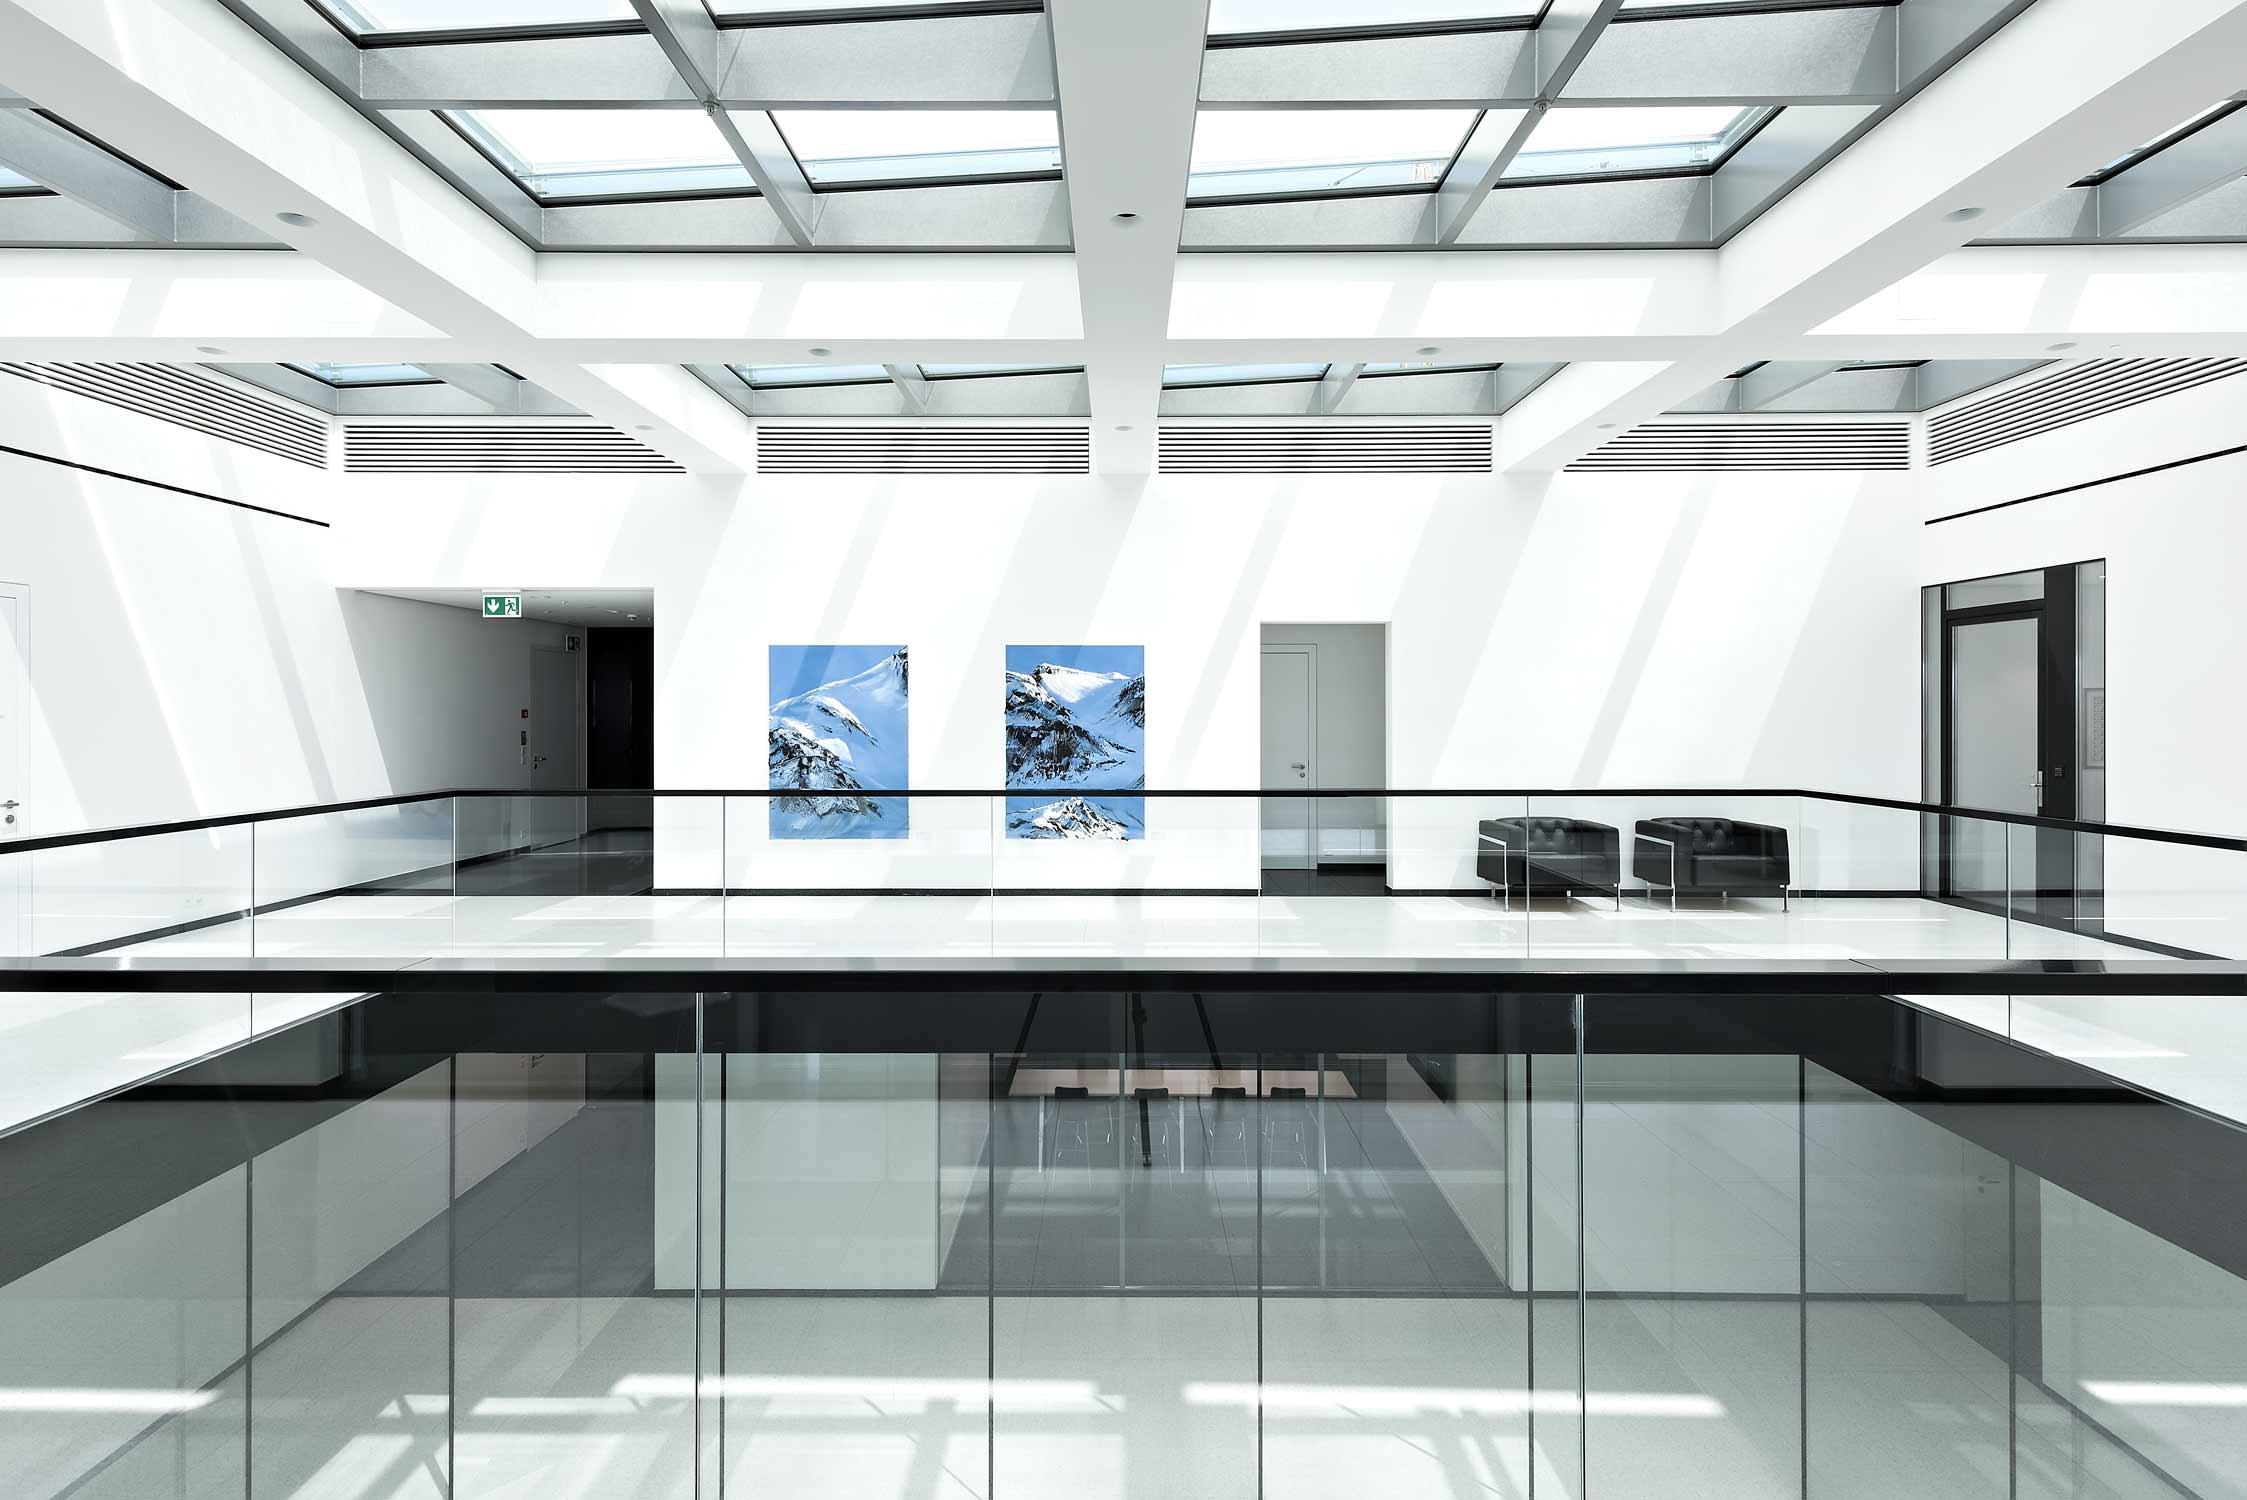 Innenaufnahme des Glasdachs und des Atriums in der Zuger Kantonalbank am Postplatz in Zug.